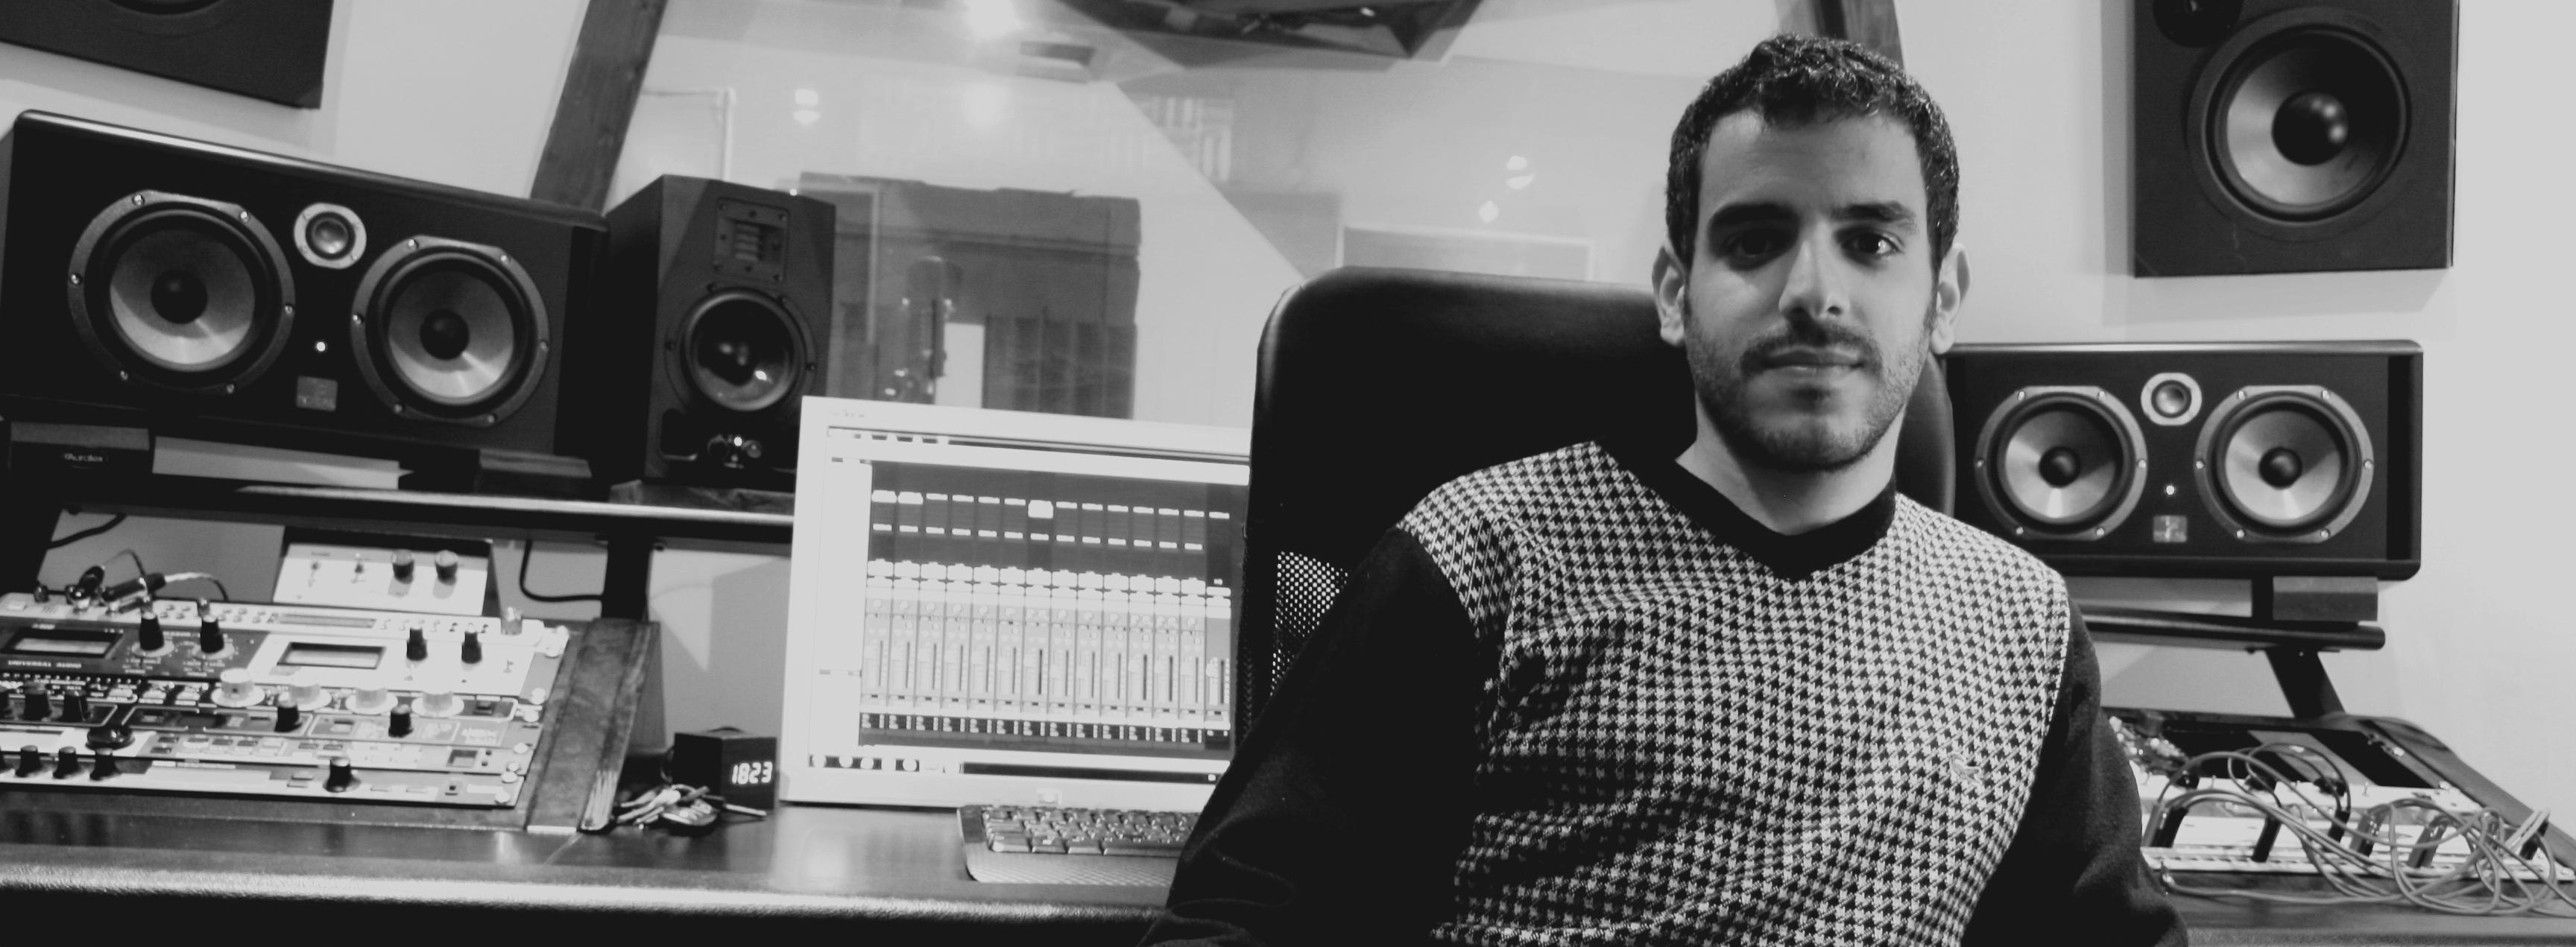 Studio_1_bw